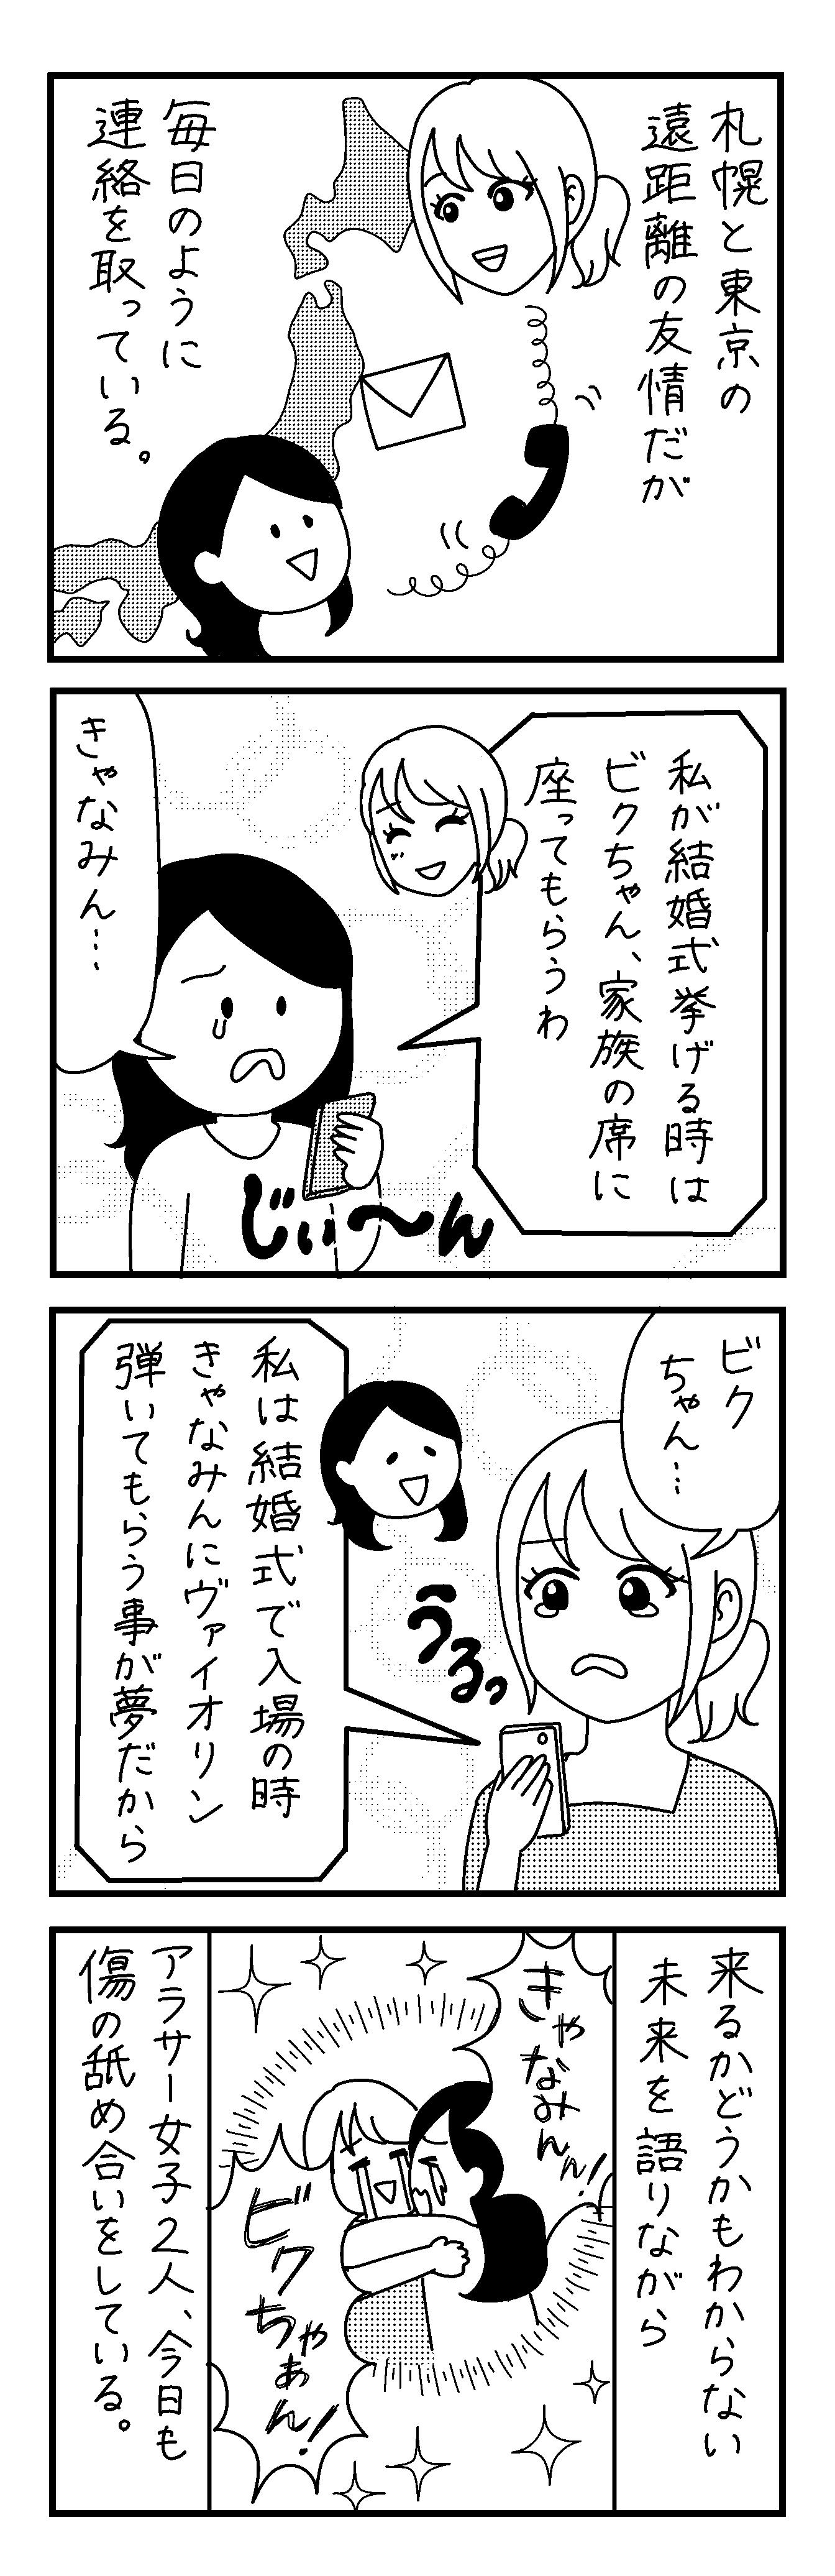 【4コマ漫画】第34回「ビクトリアな日々」作:ビクトリアブラディーヌ